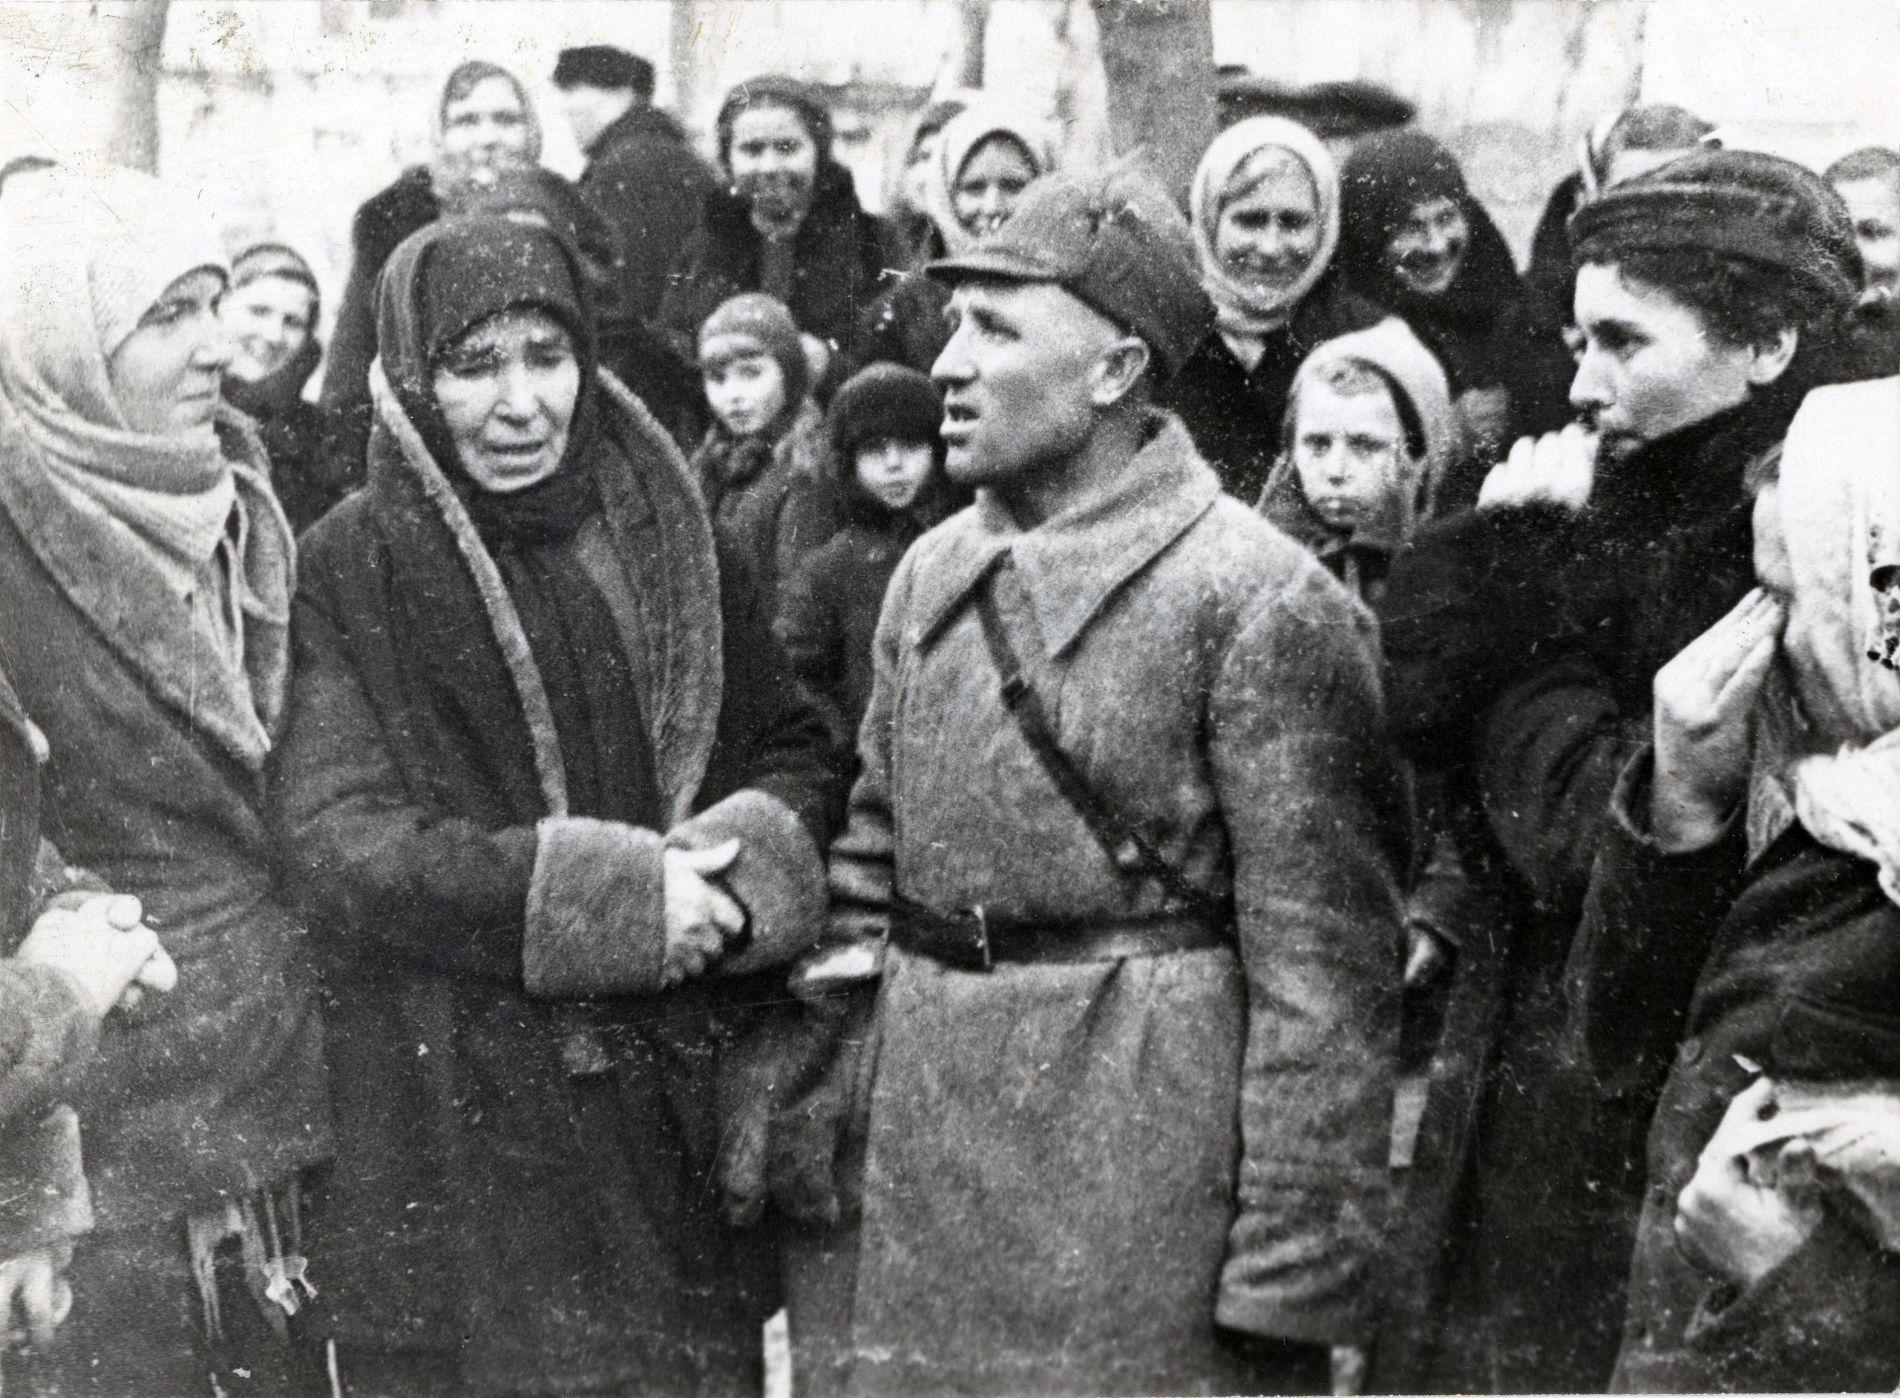 Встреча краснодарца Якова Ганзина со своей семьей и соседями. 12 февраля 1943 года ©Фото с сайта «Военный альбом», waralbum.ru